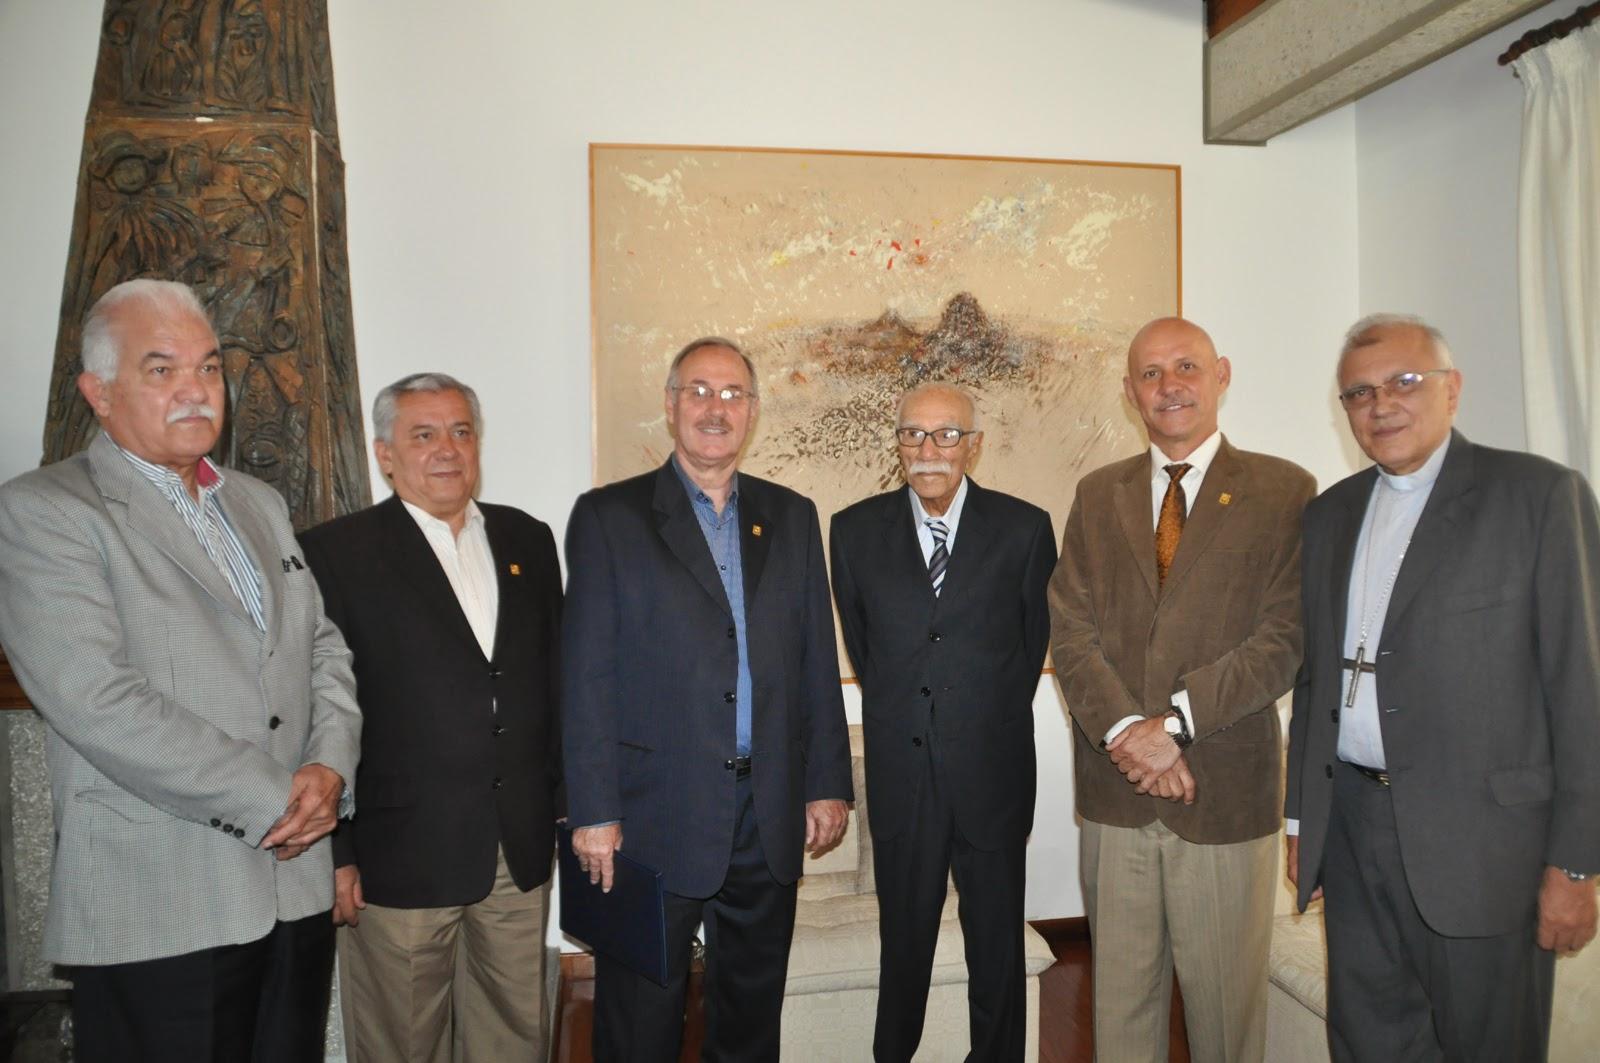 Autoridades rectorales, ex rectores de la ULA, Arzobispado merideño, entre otros, reconocieron trayectoria del homenajeado. (Foto: Ramón Pico)